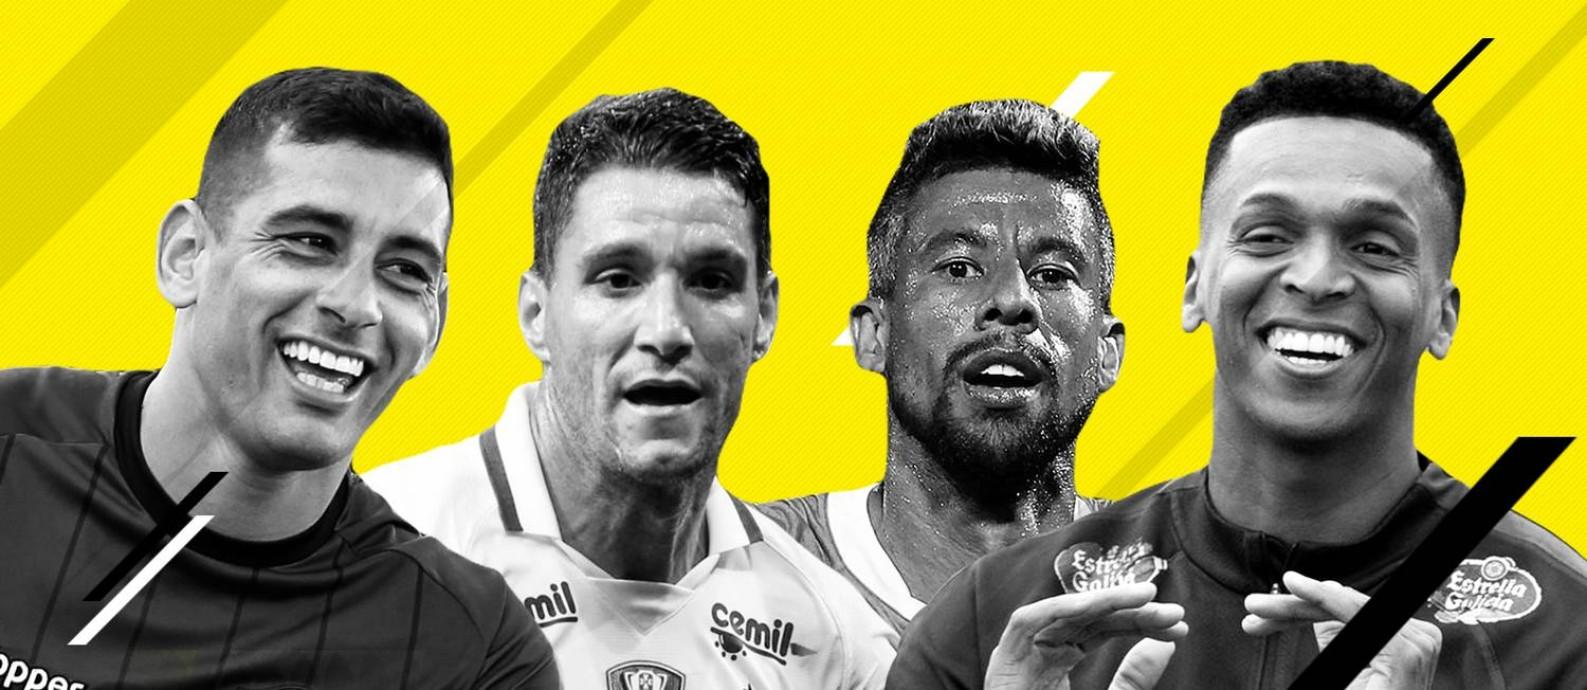 Diego Souza, Thiago Neves, Léo Moura e Jô são alguns dos nomes da lista Foto: Editoria de Arte